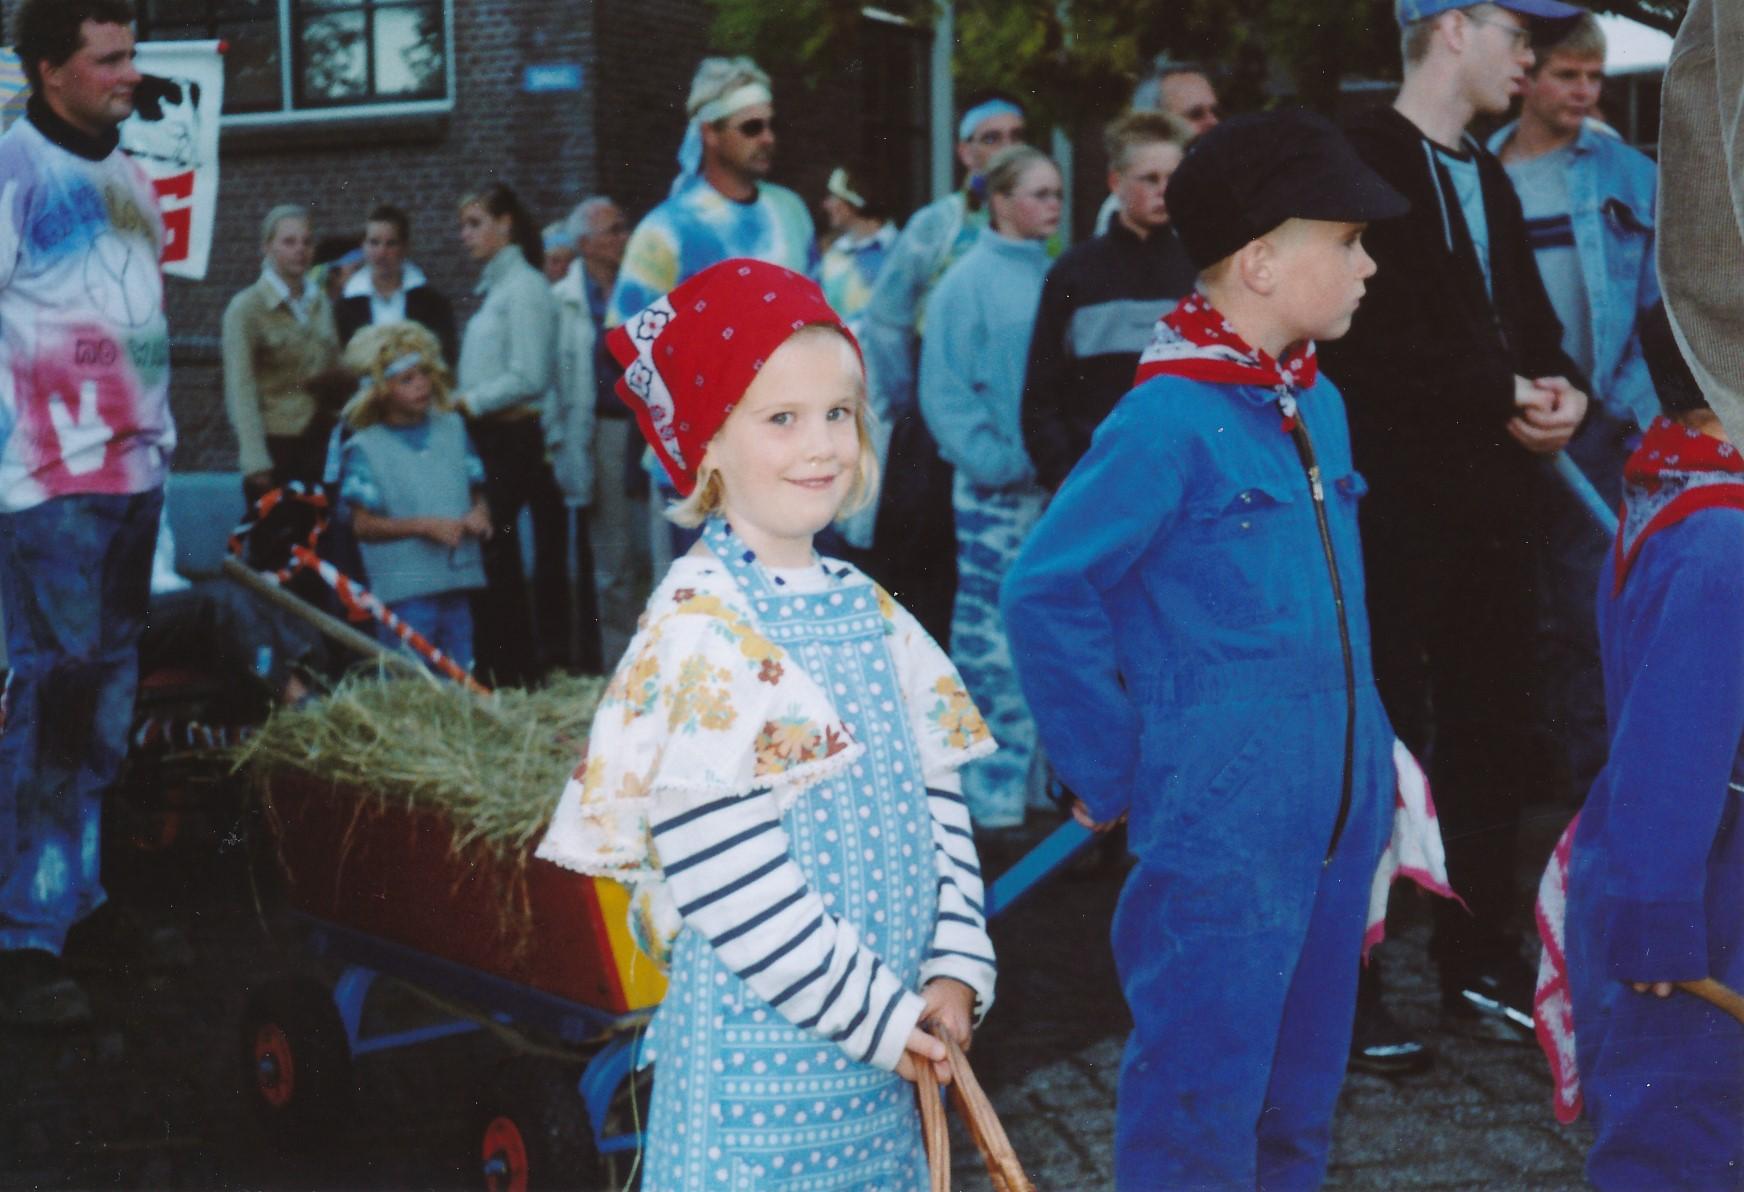 Fotoalbum Anneke Miedema, 015, Optocht Sjoukje en Wierd Miedema, Doeke Schoustra, Theo Melein, Edward Terra en Rene Dijkstra, Merke 2002